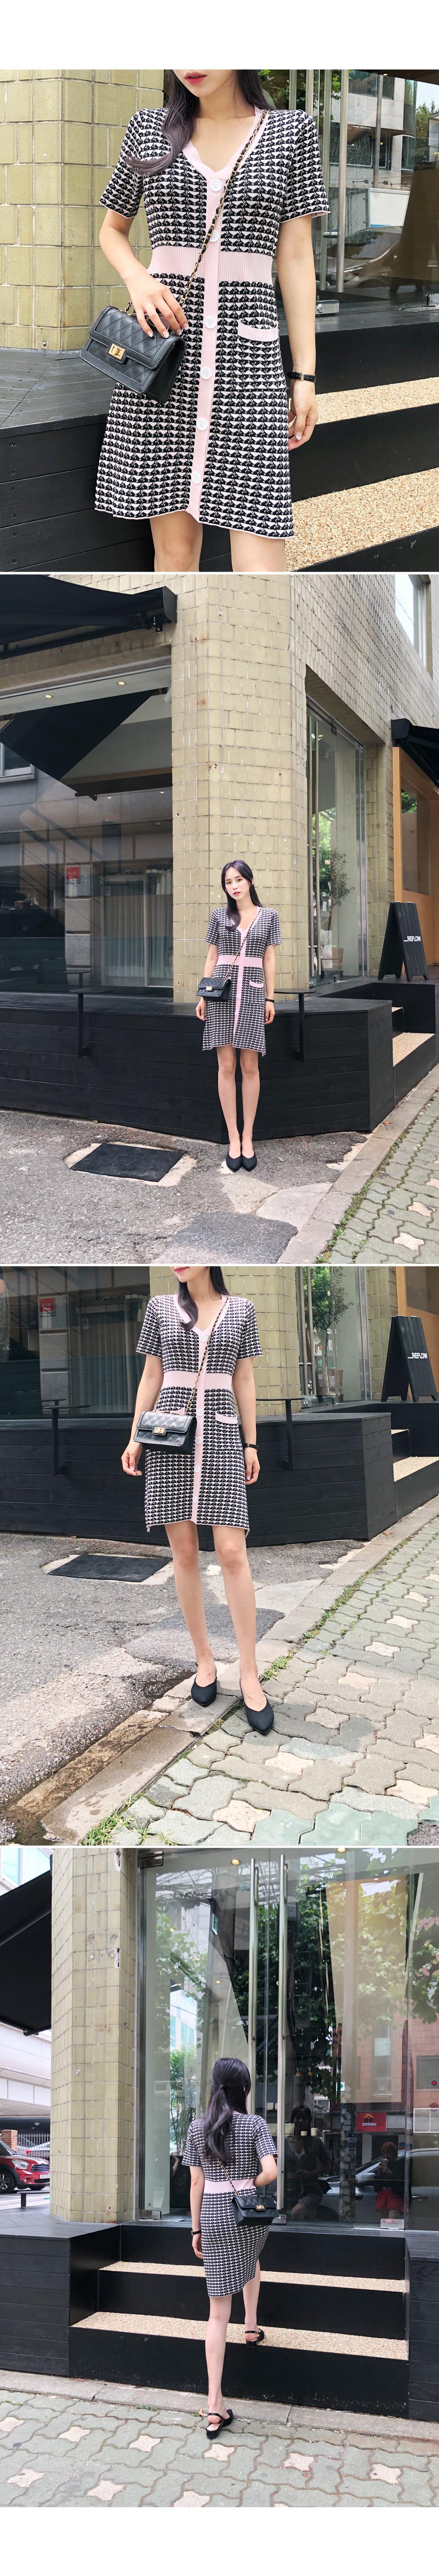 Unique knit dress